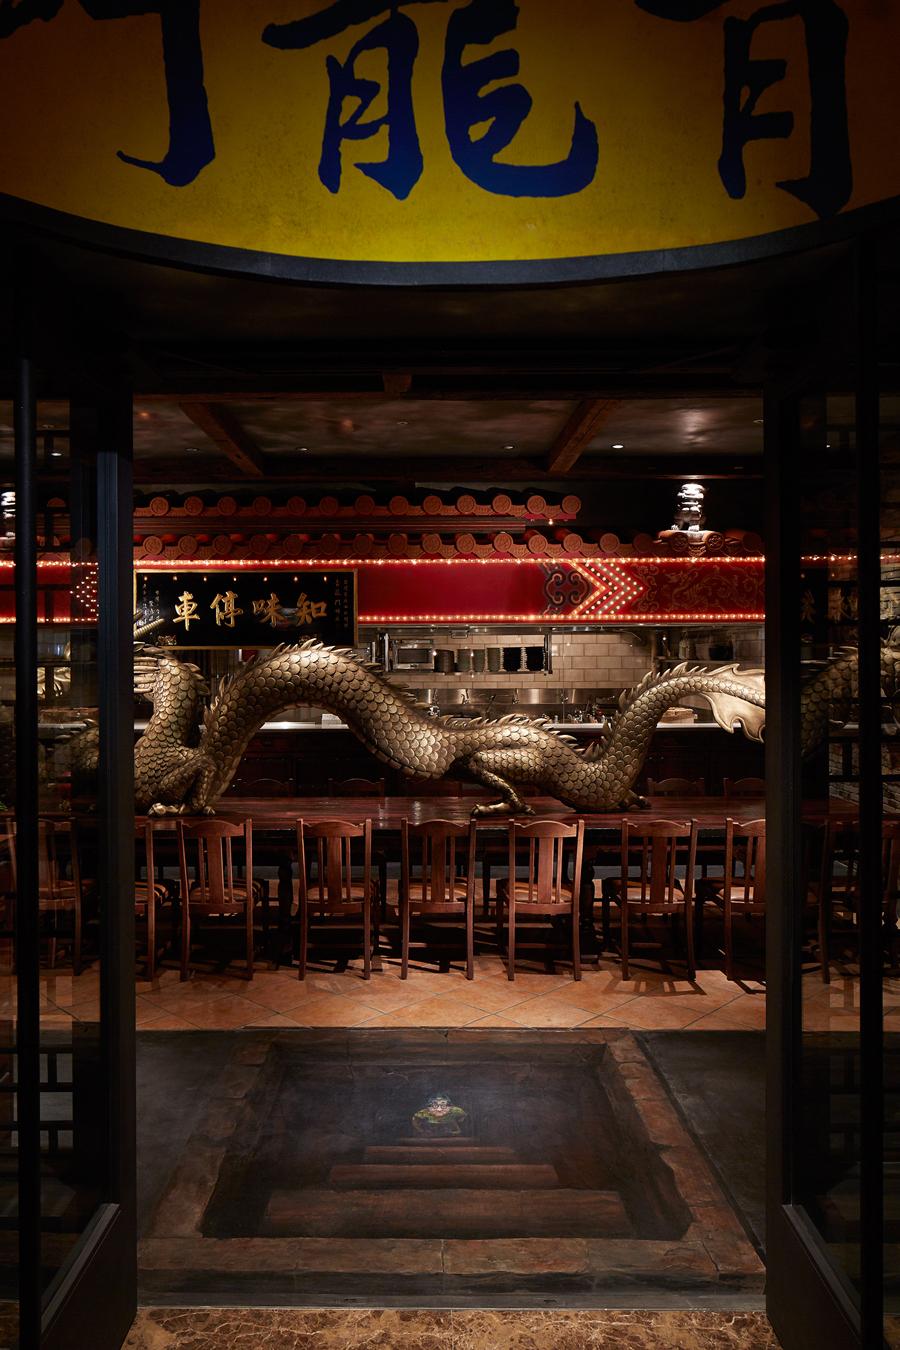 イクスピアリ 青 龍門 【イクスピアリ】コスパ良の台湾料理店「青龍門」の場所とオススメメニュー